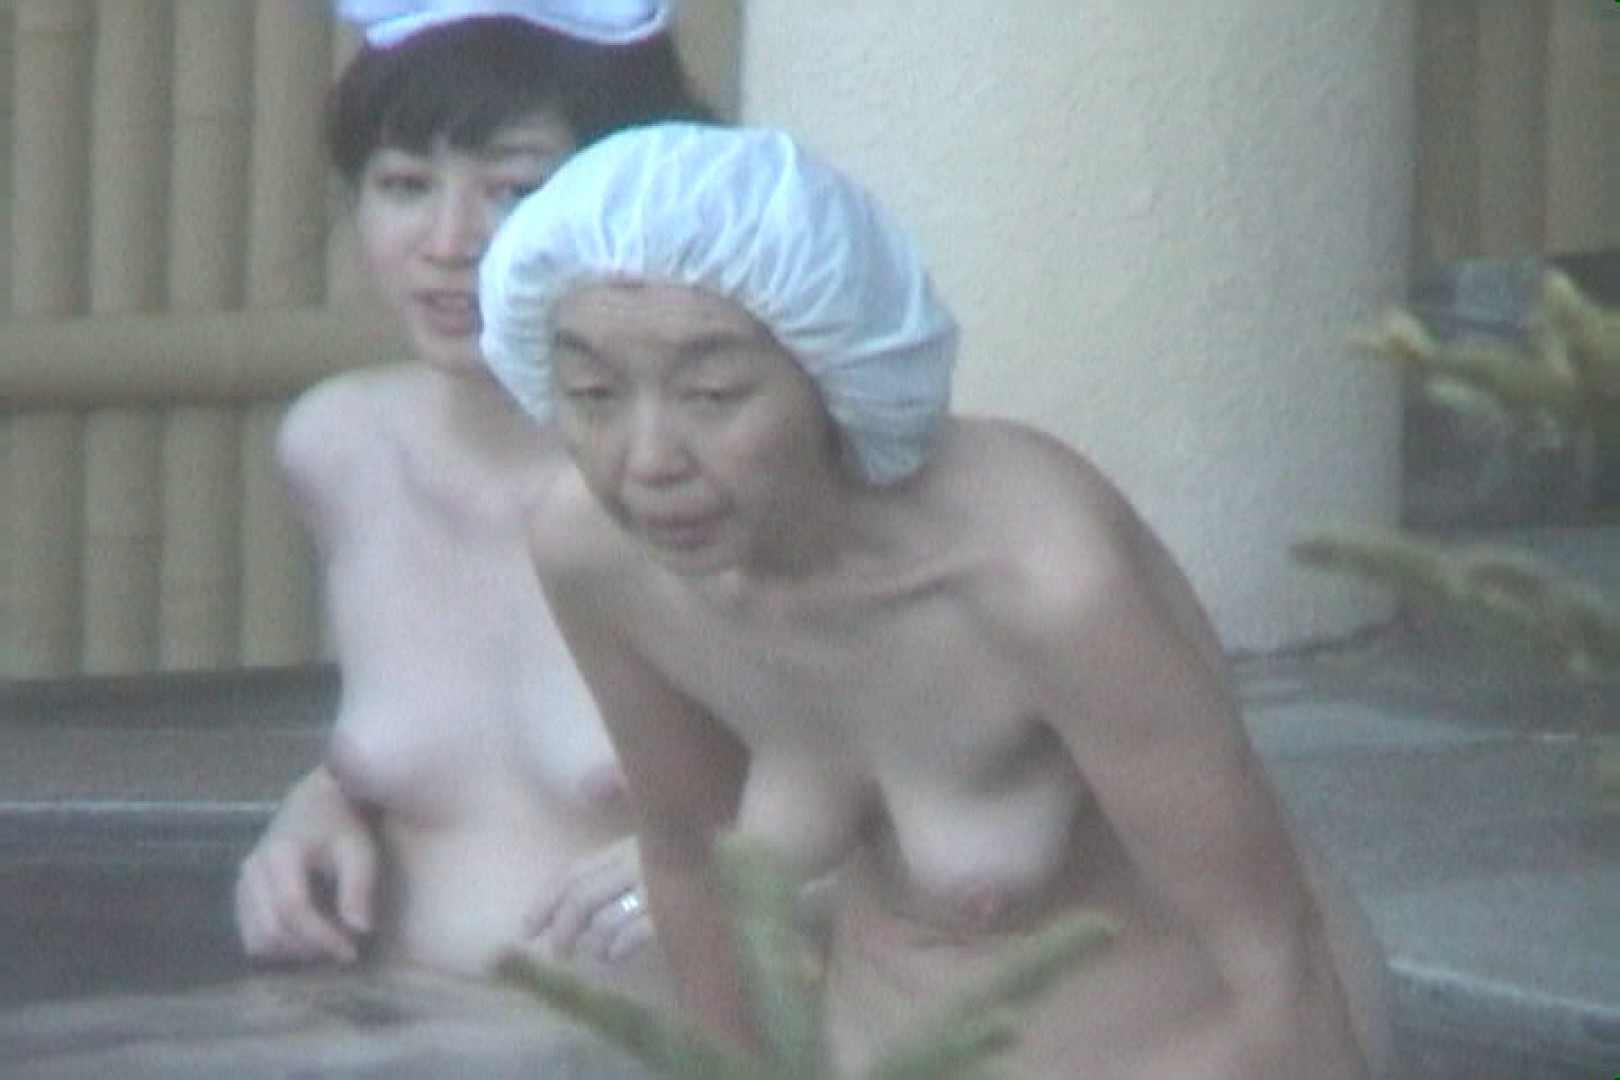 Aquaな露天風呂Vol.83【VIP限定】 OLハメ撮り  101Pix 41